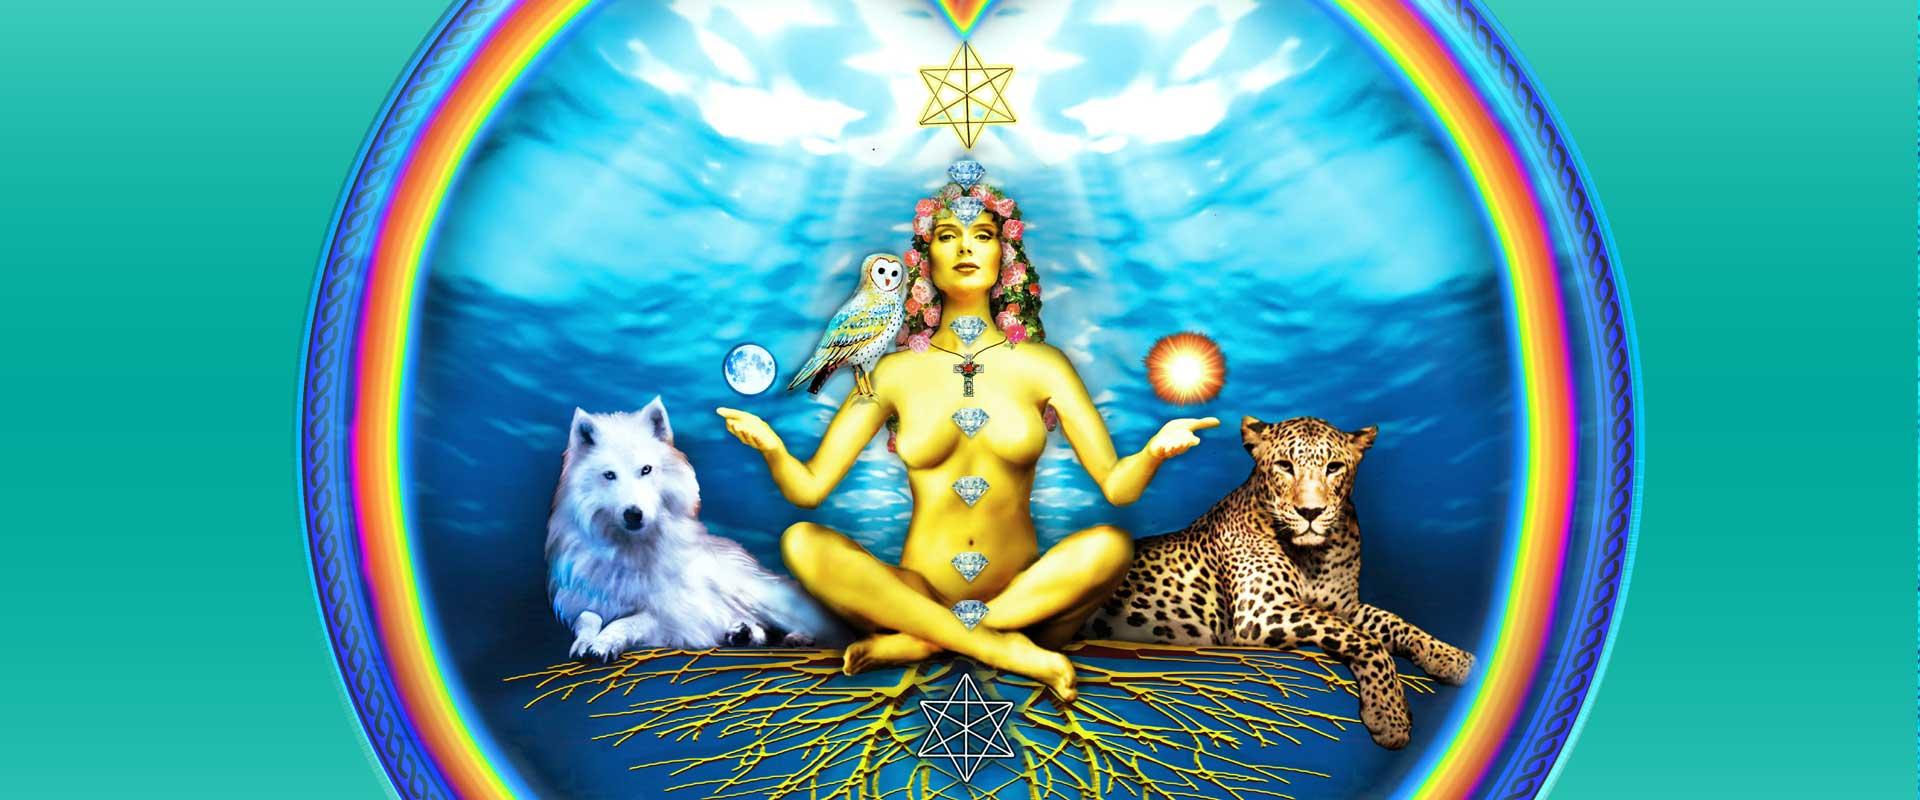 Conciencia Cuántica Universo AmmA